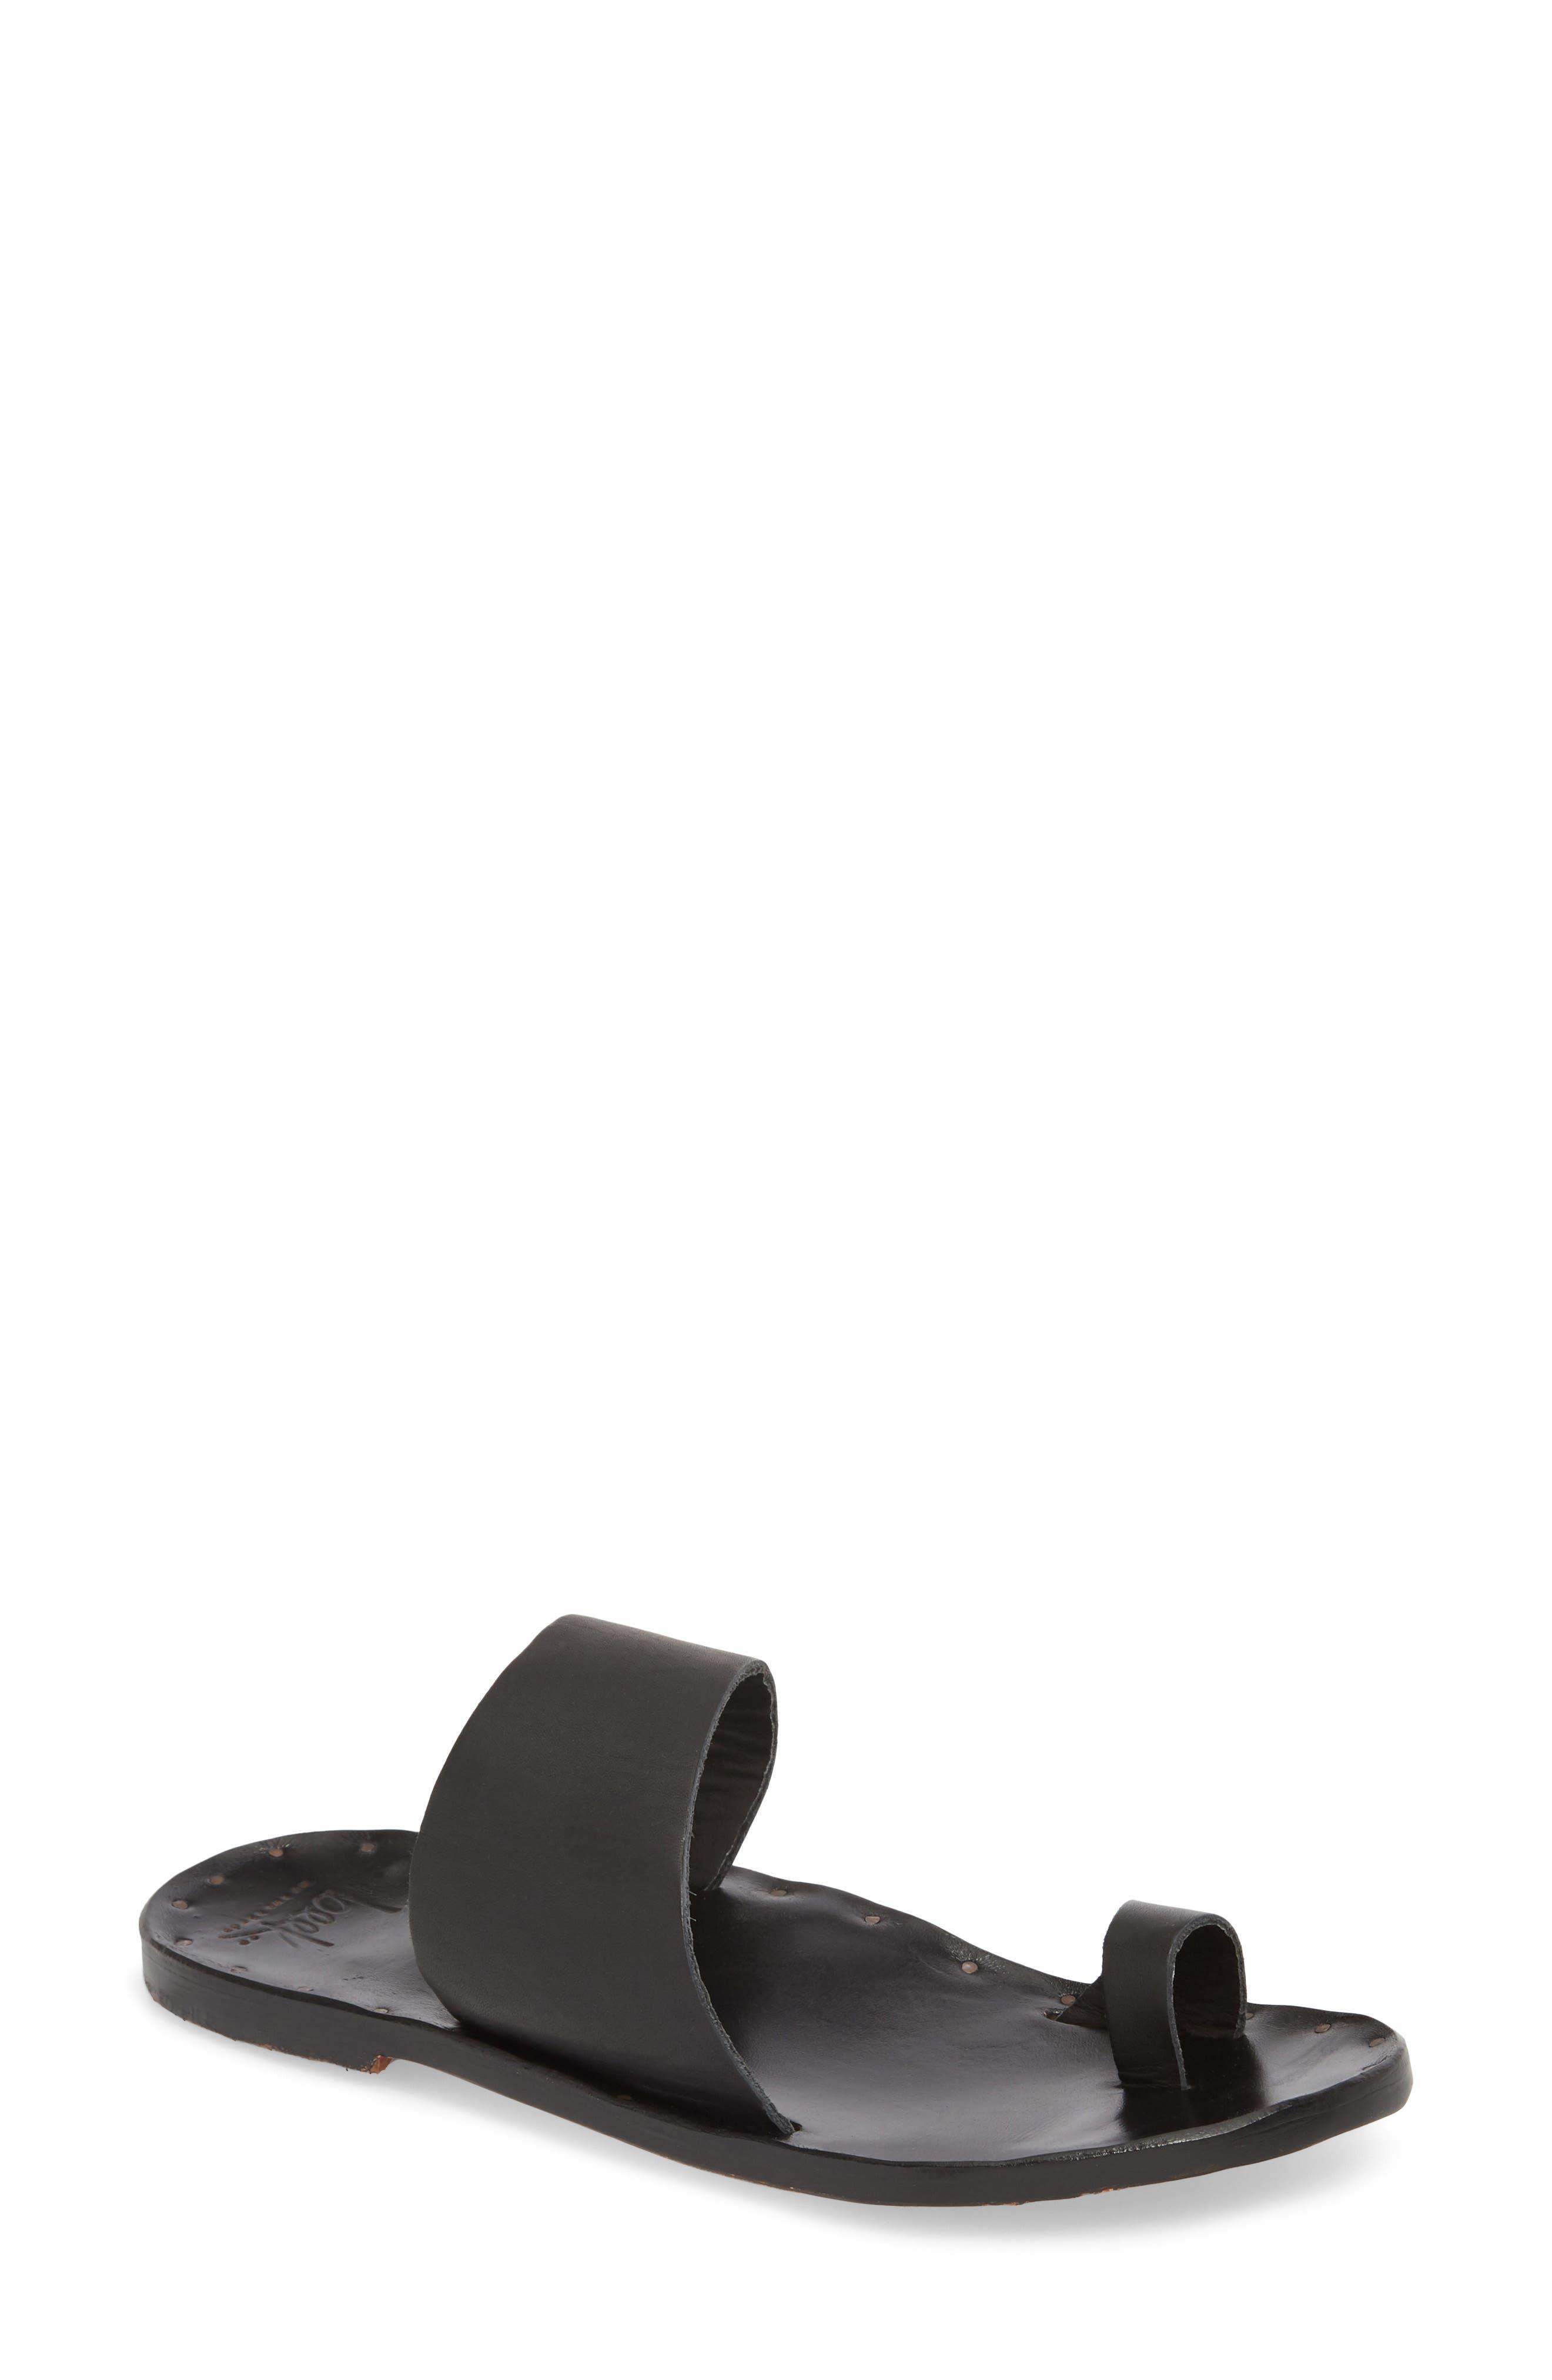 BEEK Finch Sandal, Main, color, BLACK/ BLACK